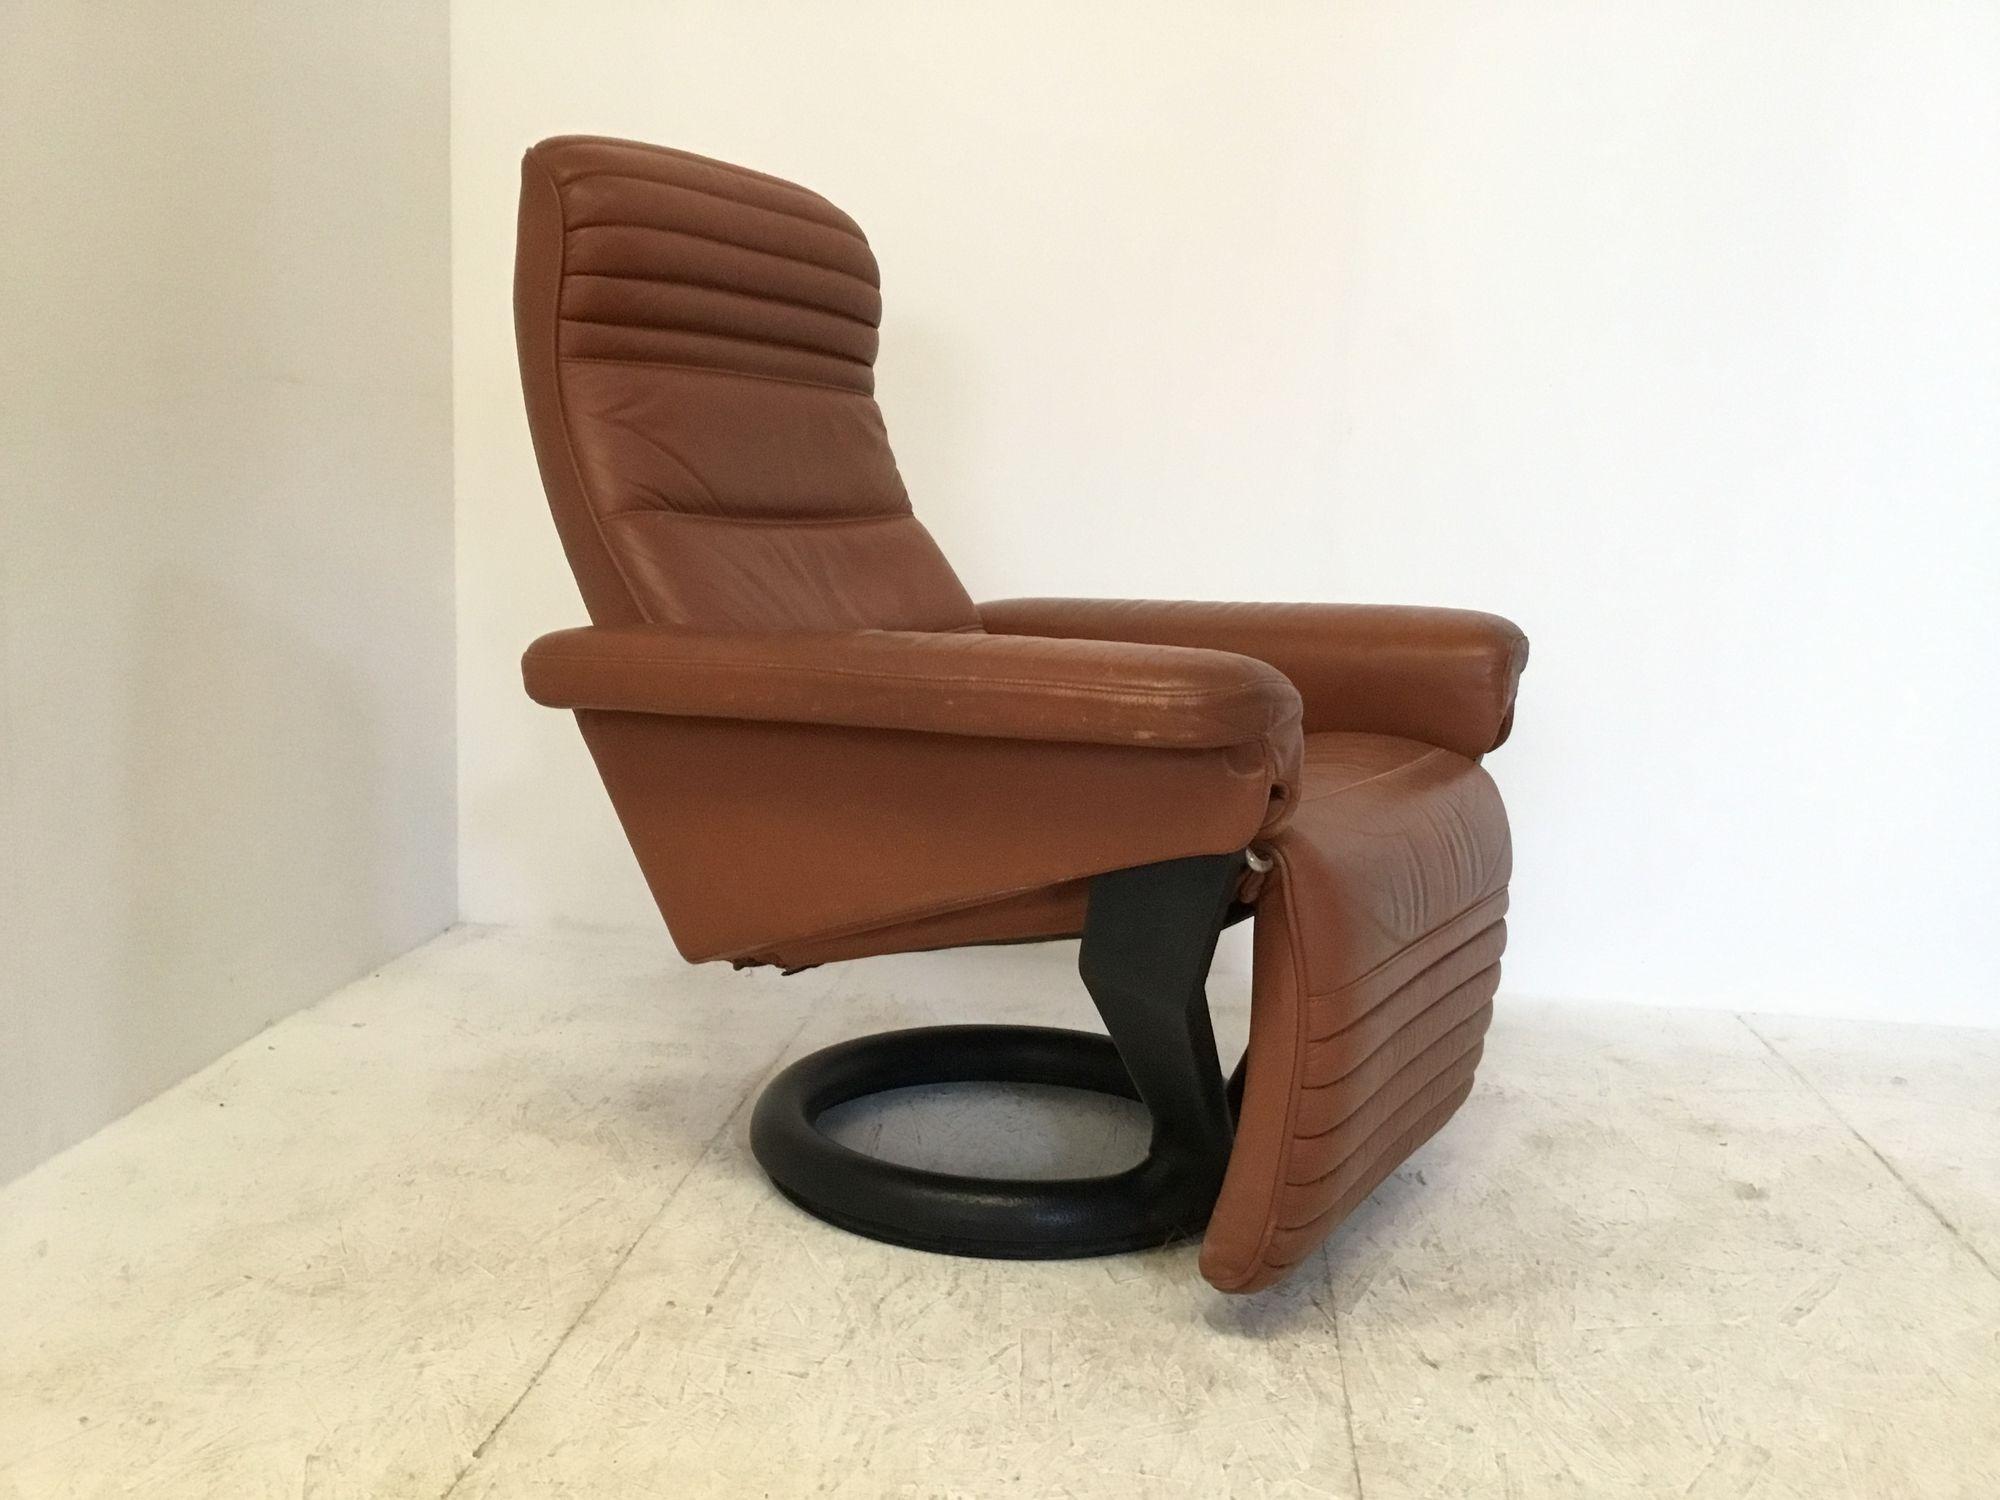 Vintage Deense relax fauteuil